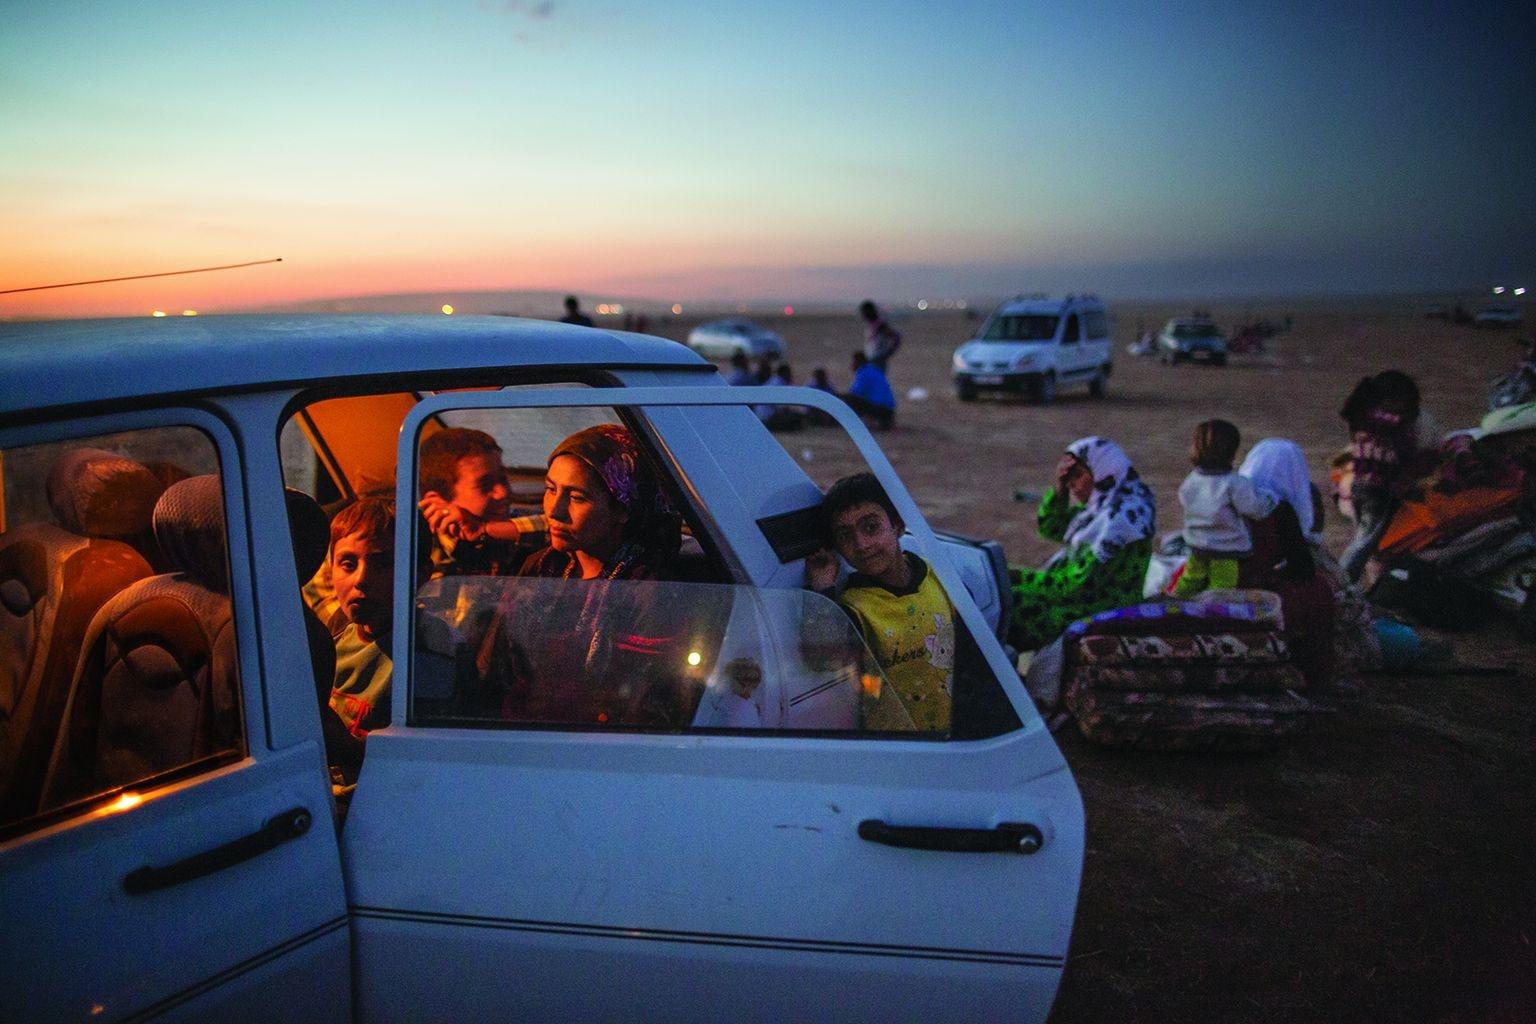 為了逃離伊斯蘭國的進逼,一個庫德族家庭逃出敘利亞後,在車中等待前往土耳其。2014年9月,有15萬名敘利亞人(大多是庫德族)花了72小時的旅程抵達土耳其。約翰.史坦邁爾 JOHN STANMEYER